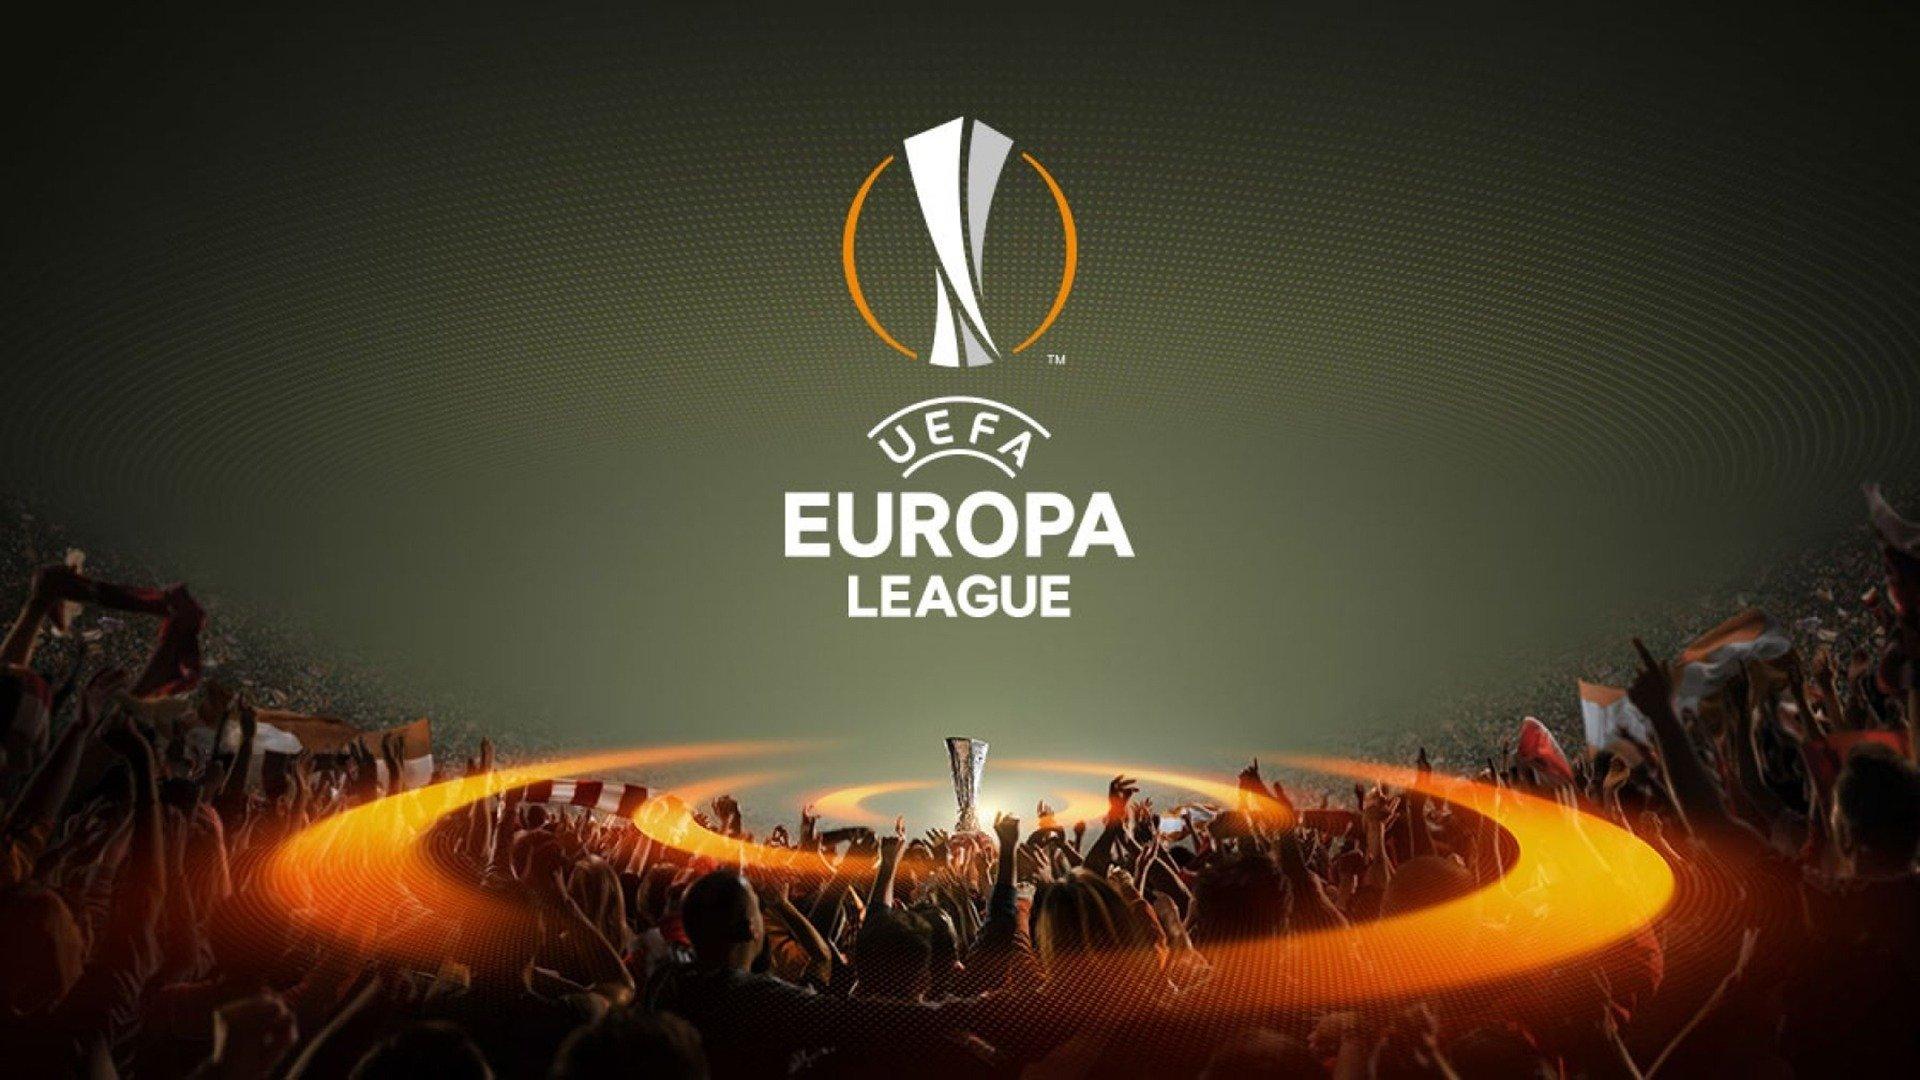 Fotboll: UEFA Europa League